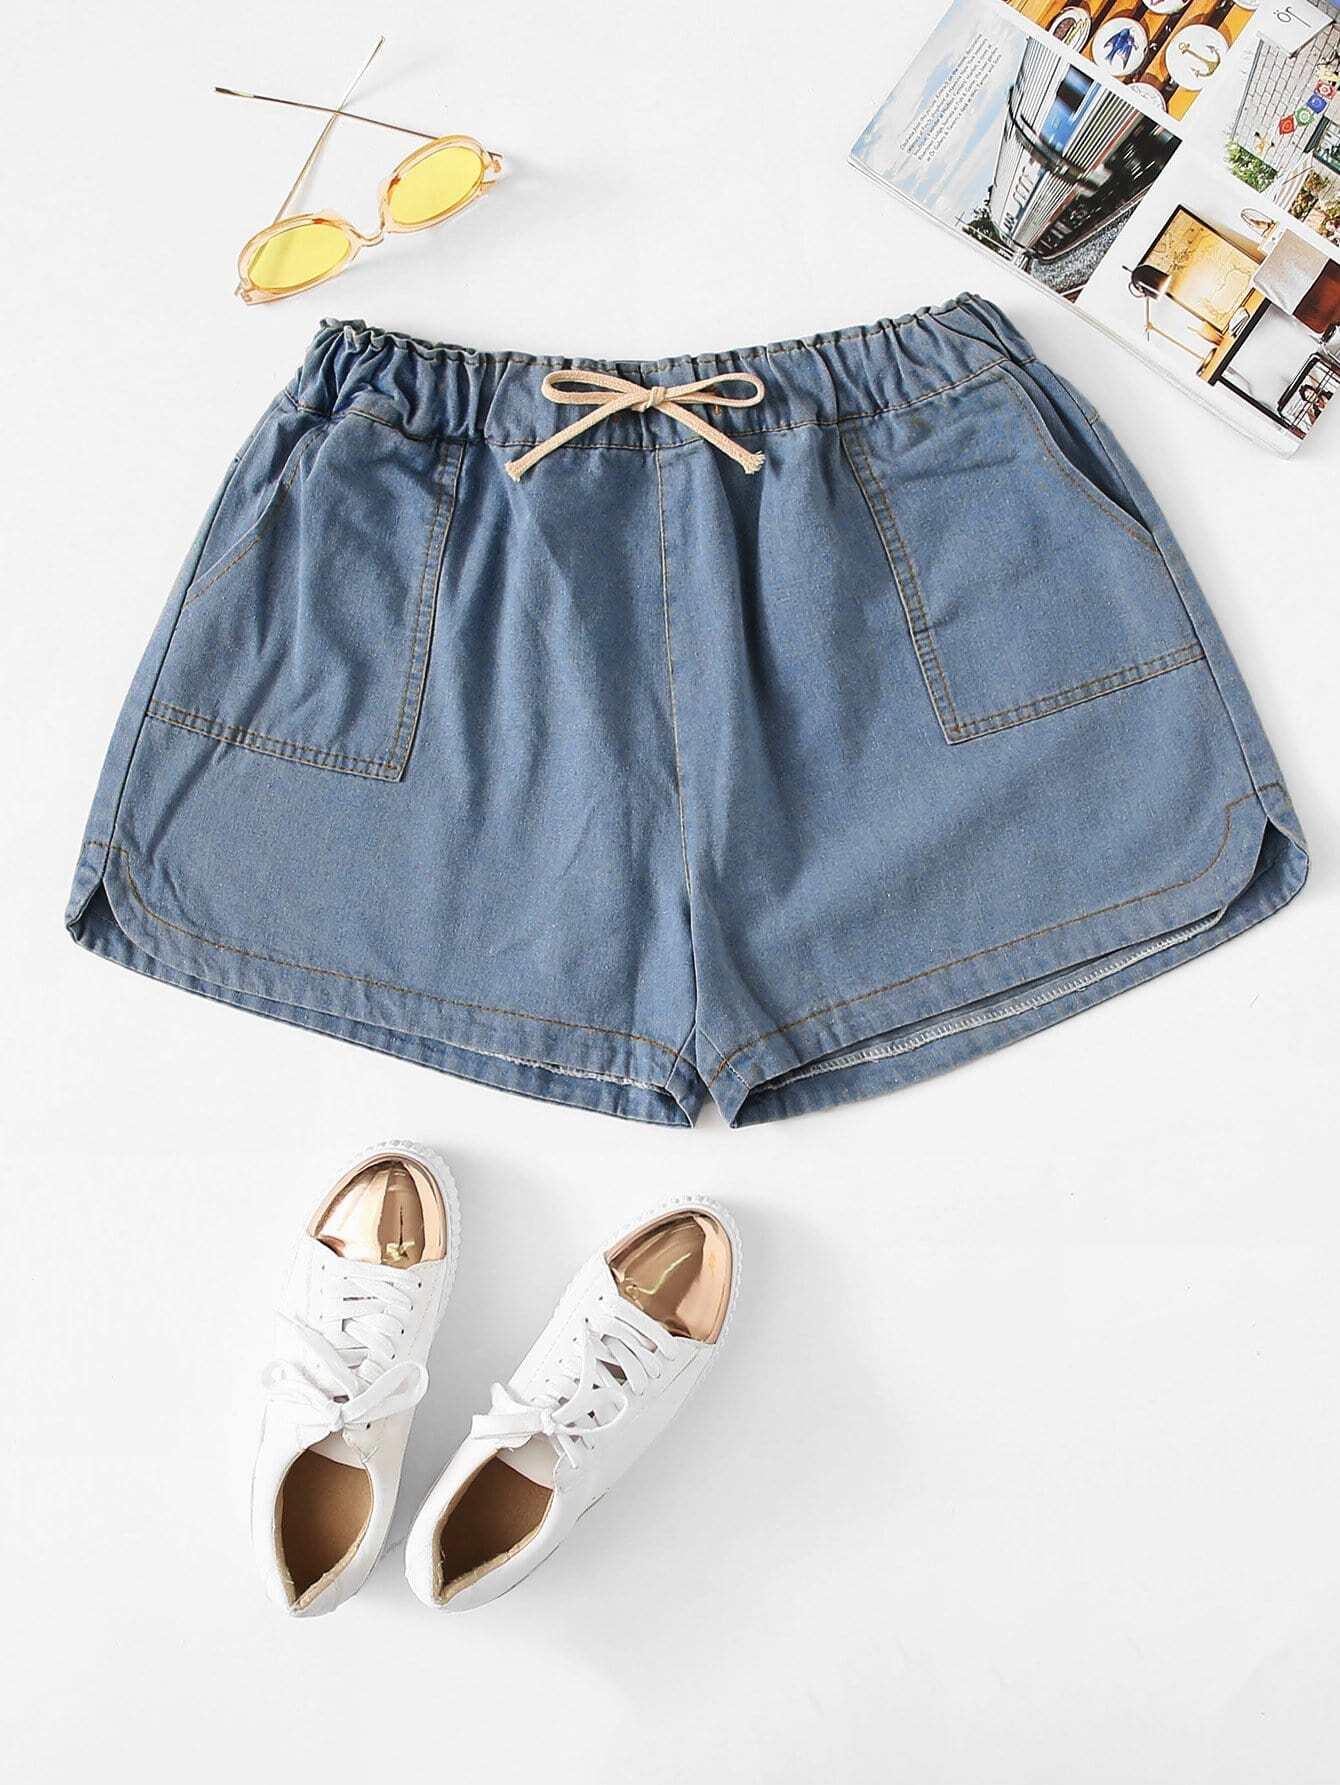 Plus Drawstring Waist Denim Shorts drawstring waist frayed denim shorts